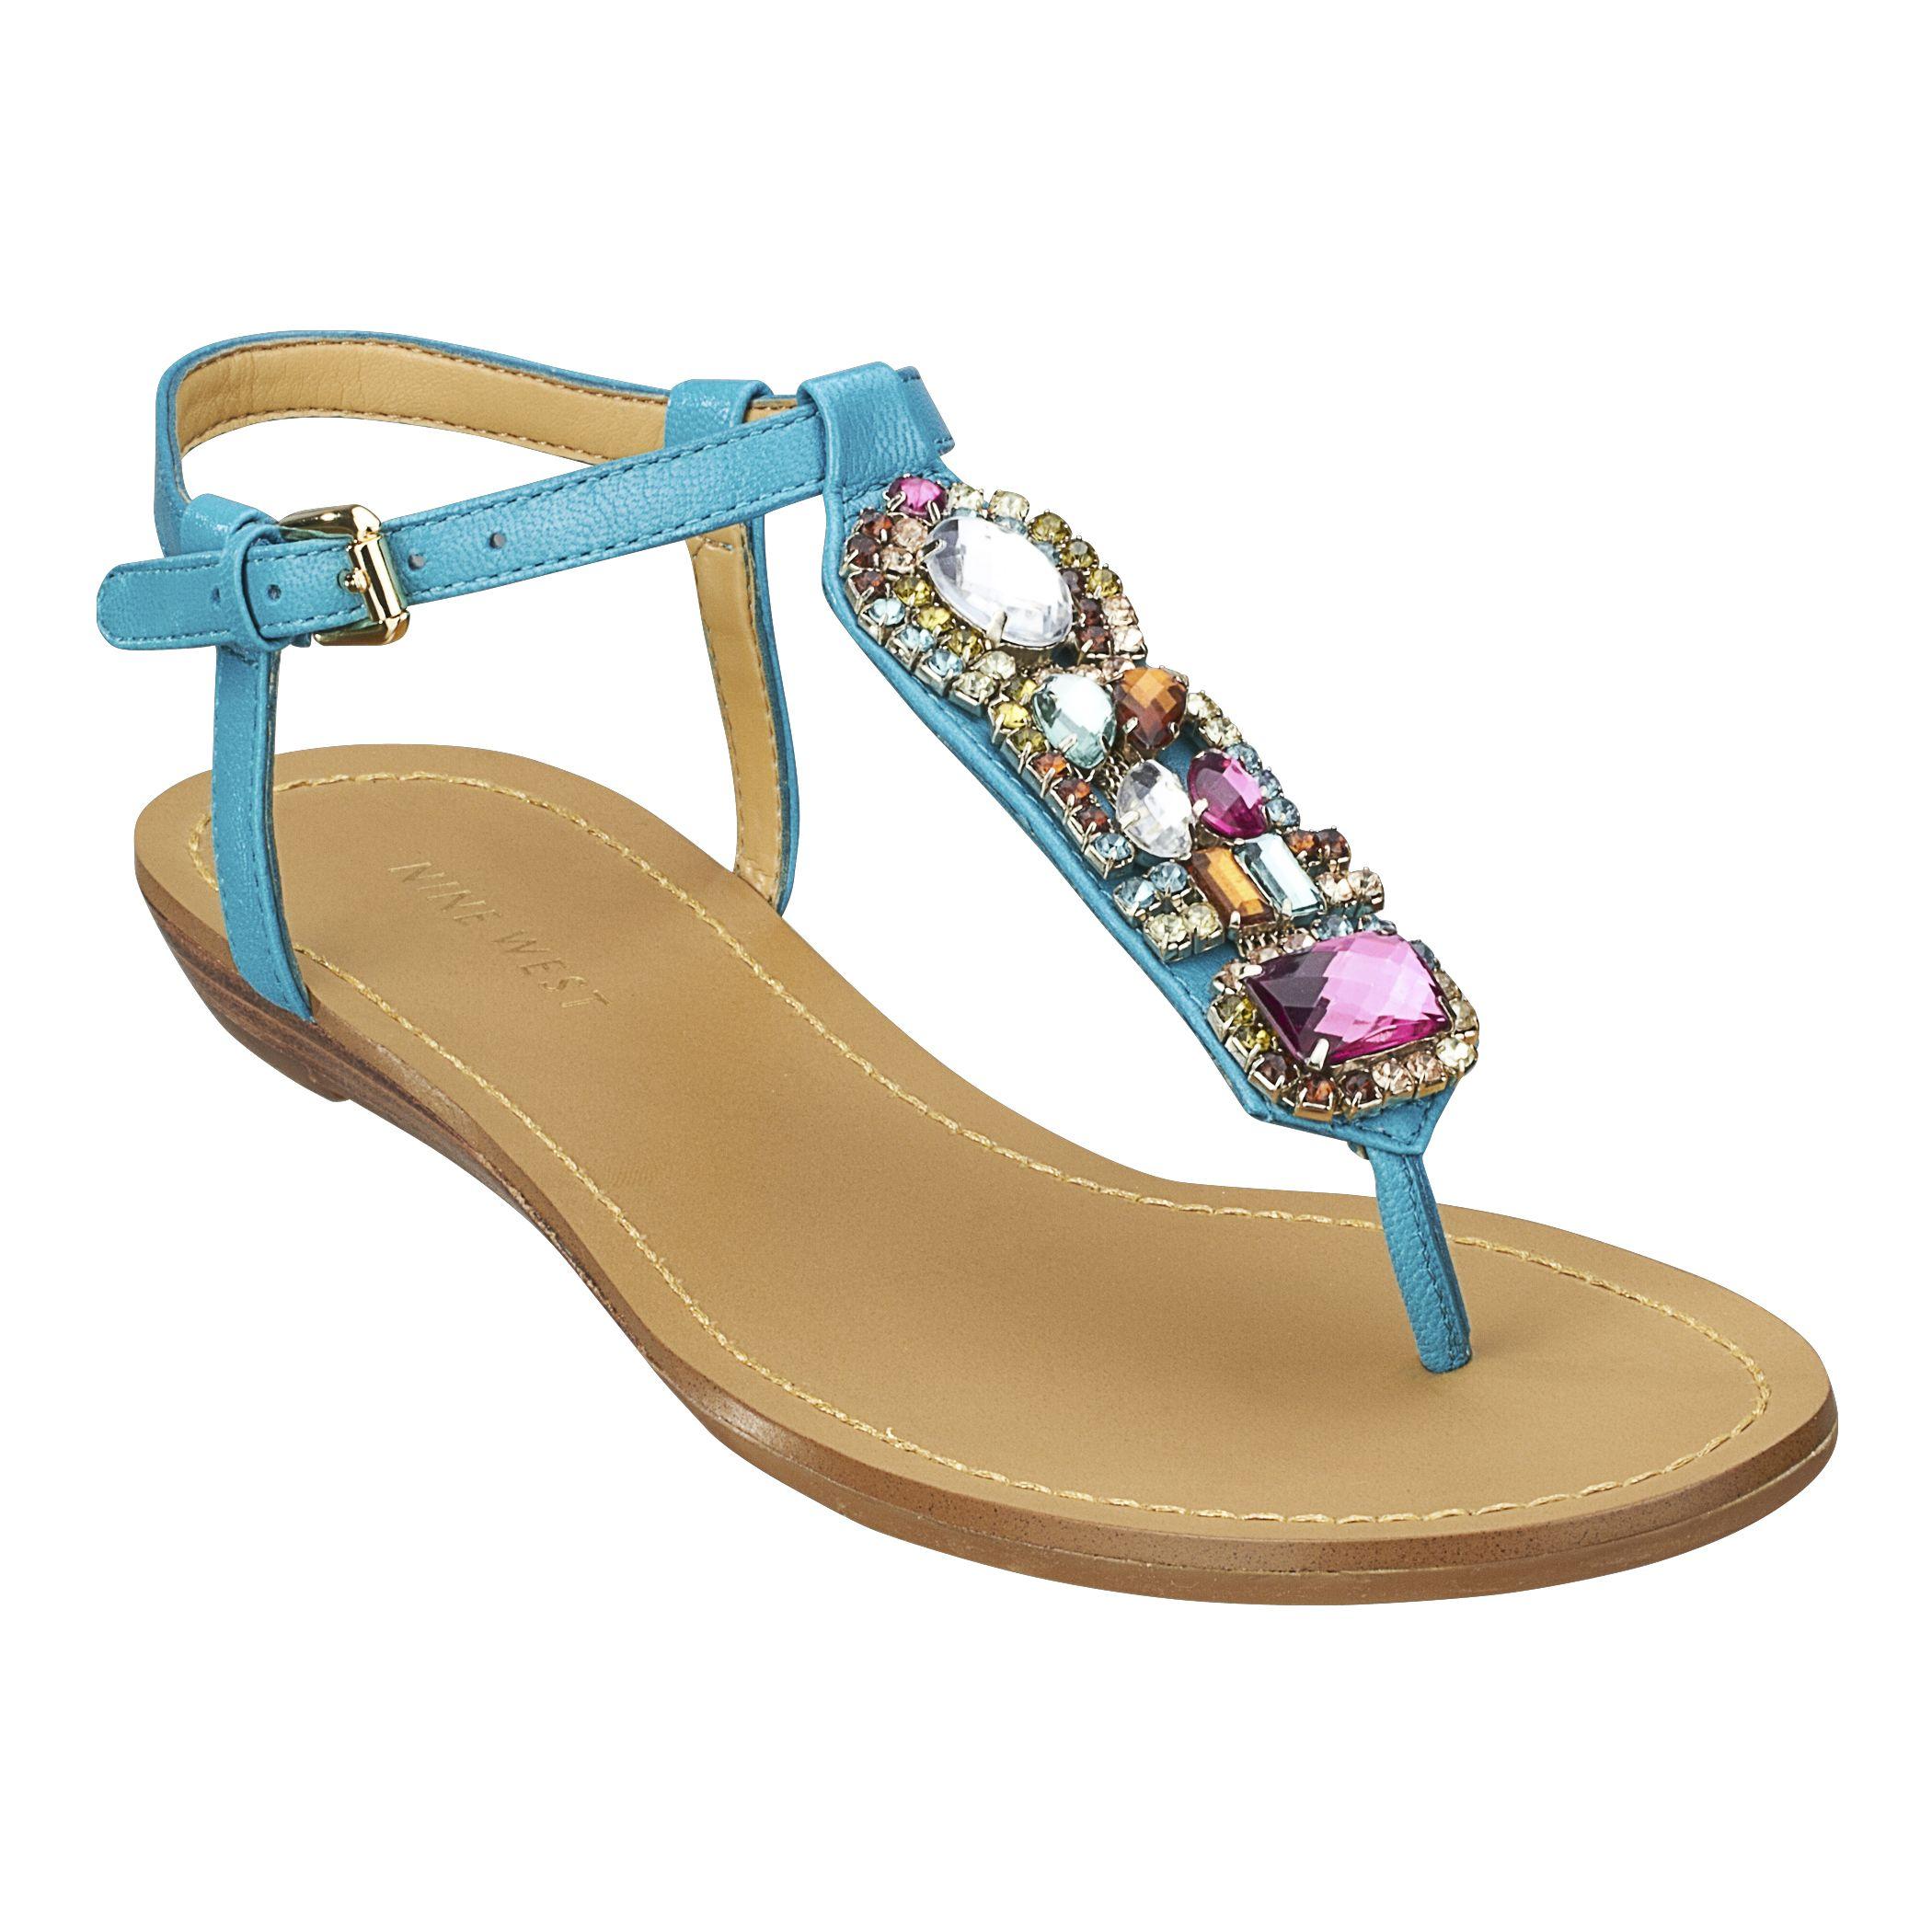 a786c23e5426c Jewel sandal